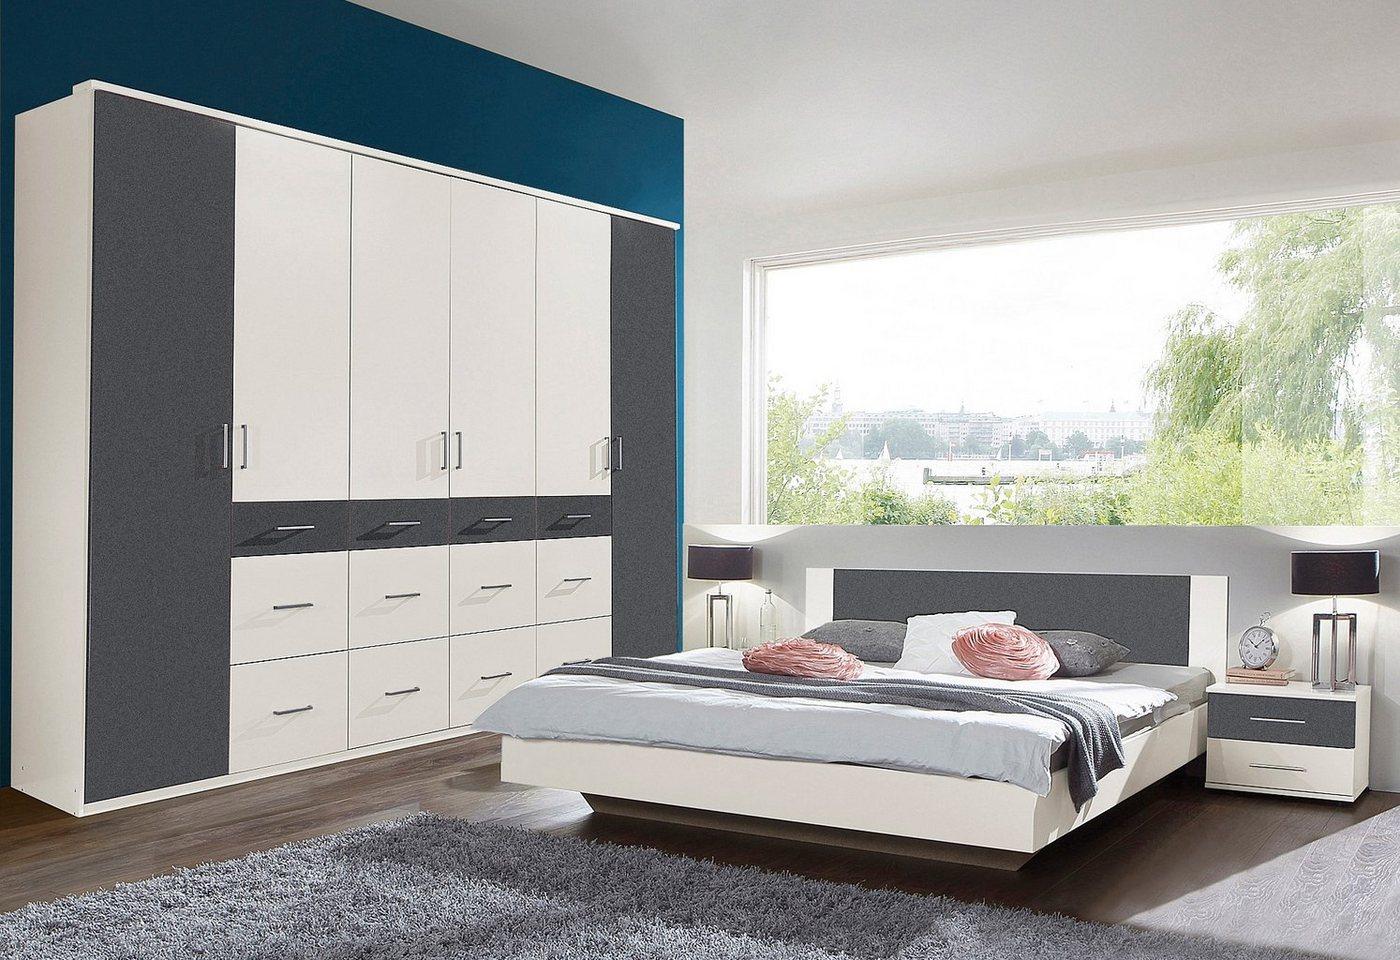 Slaapkamer-meubelset 4-delig